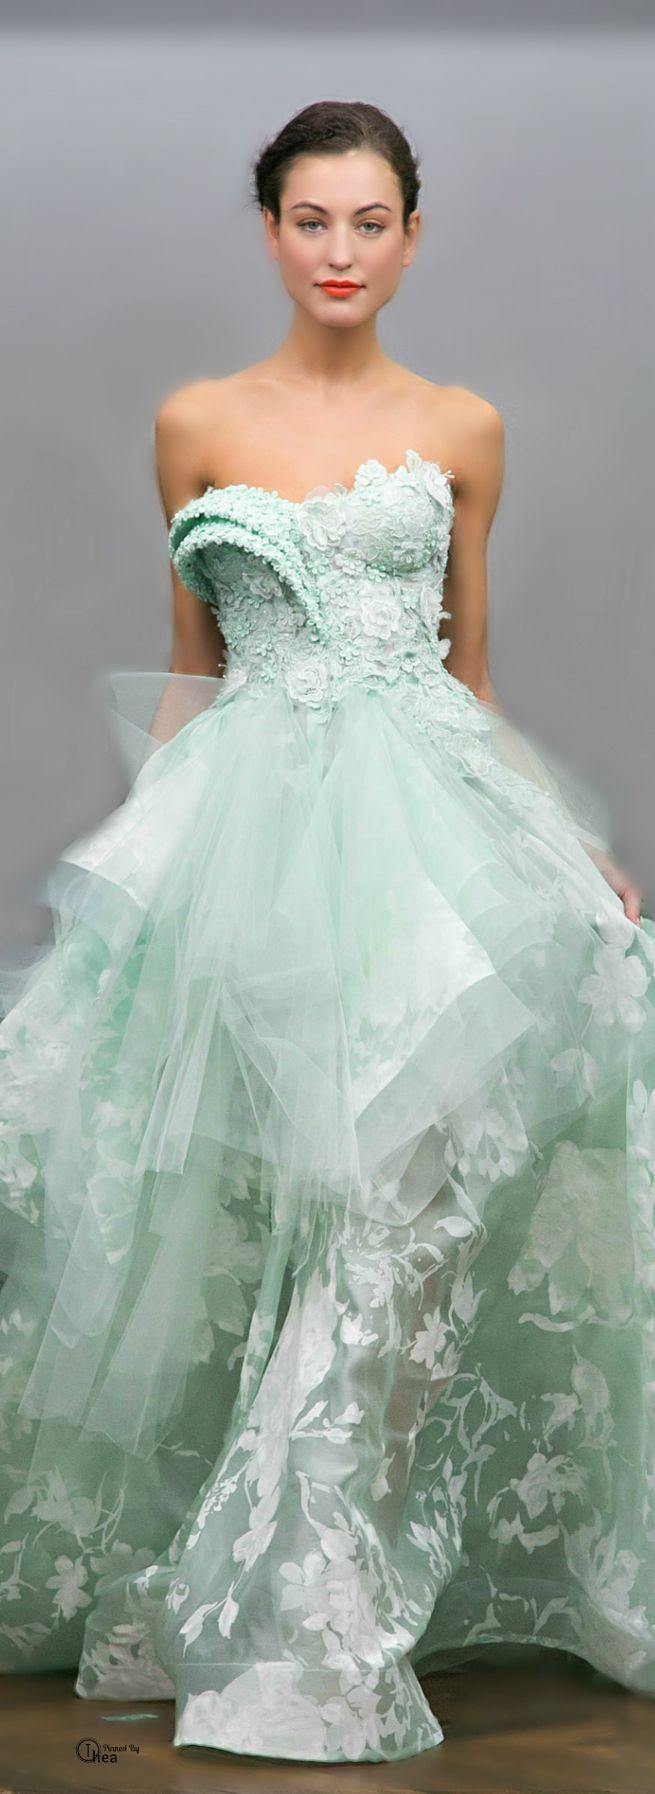 Les 25 meilleures id es de la cat gorie robes turquoise for Meilleures robes de mariage vera wang